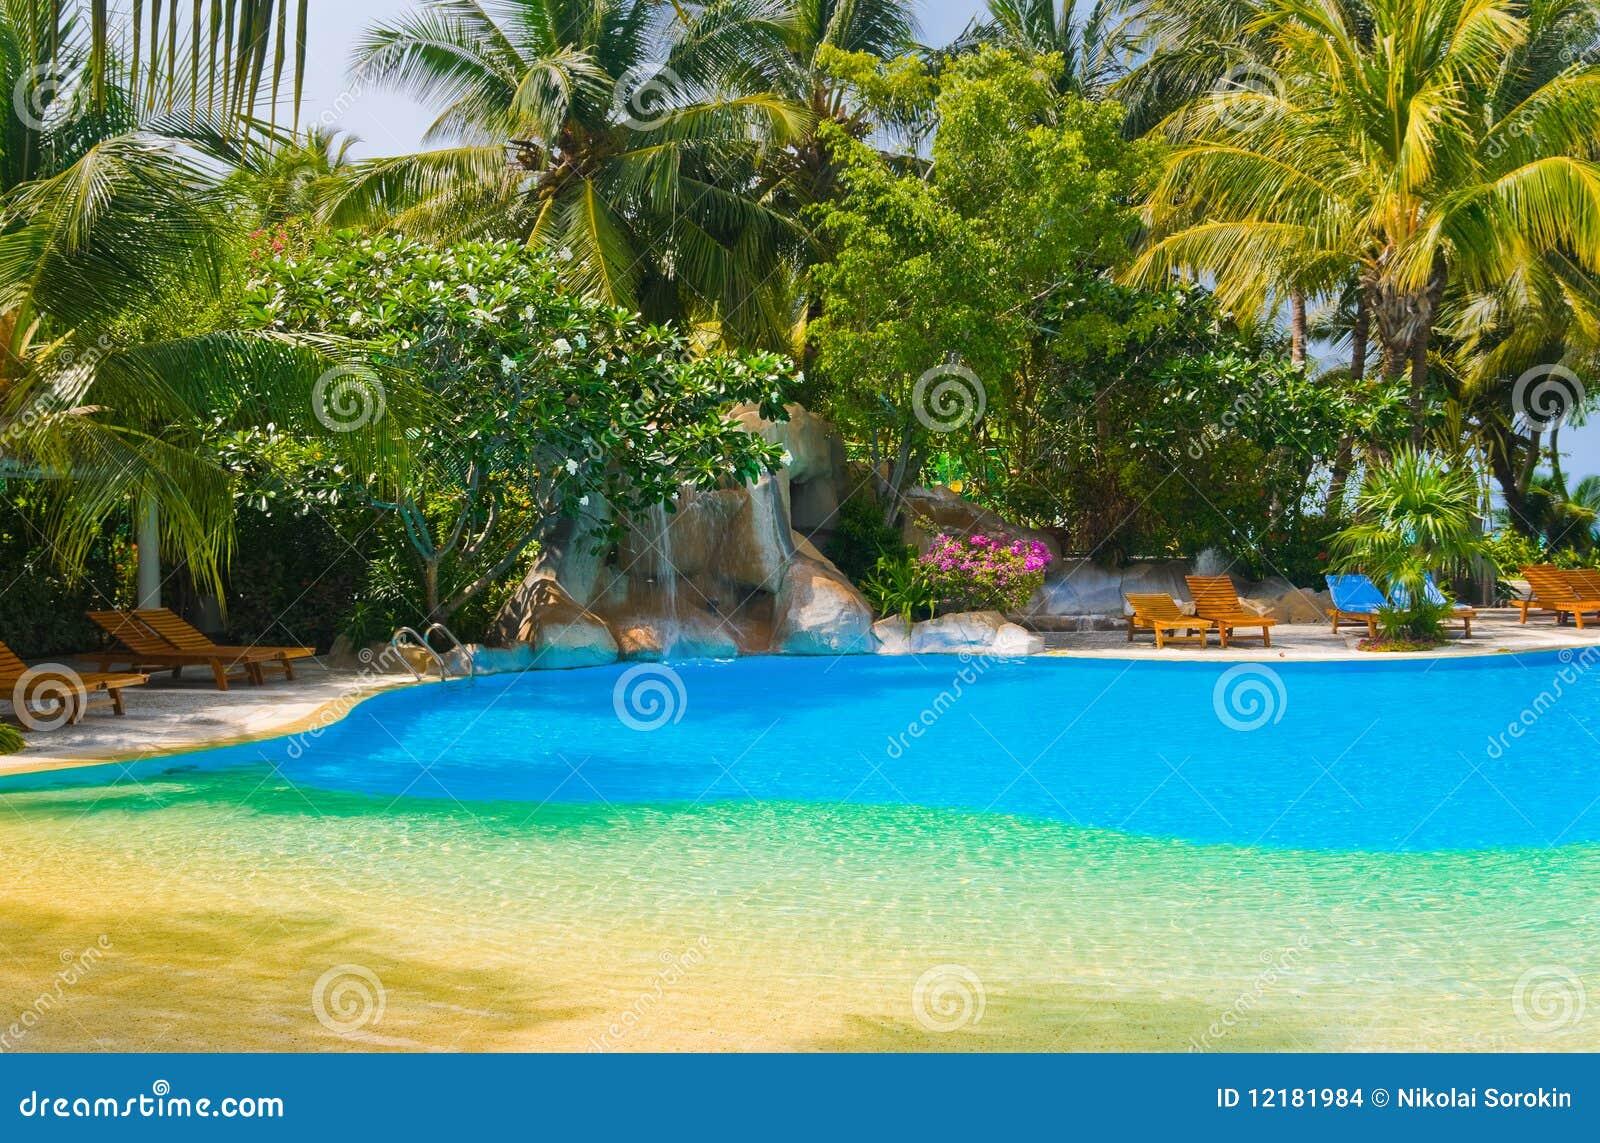 precio cascada piscina piscina y cascada en hotel imagenes de archivo imagen